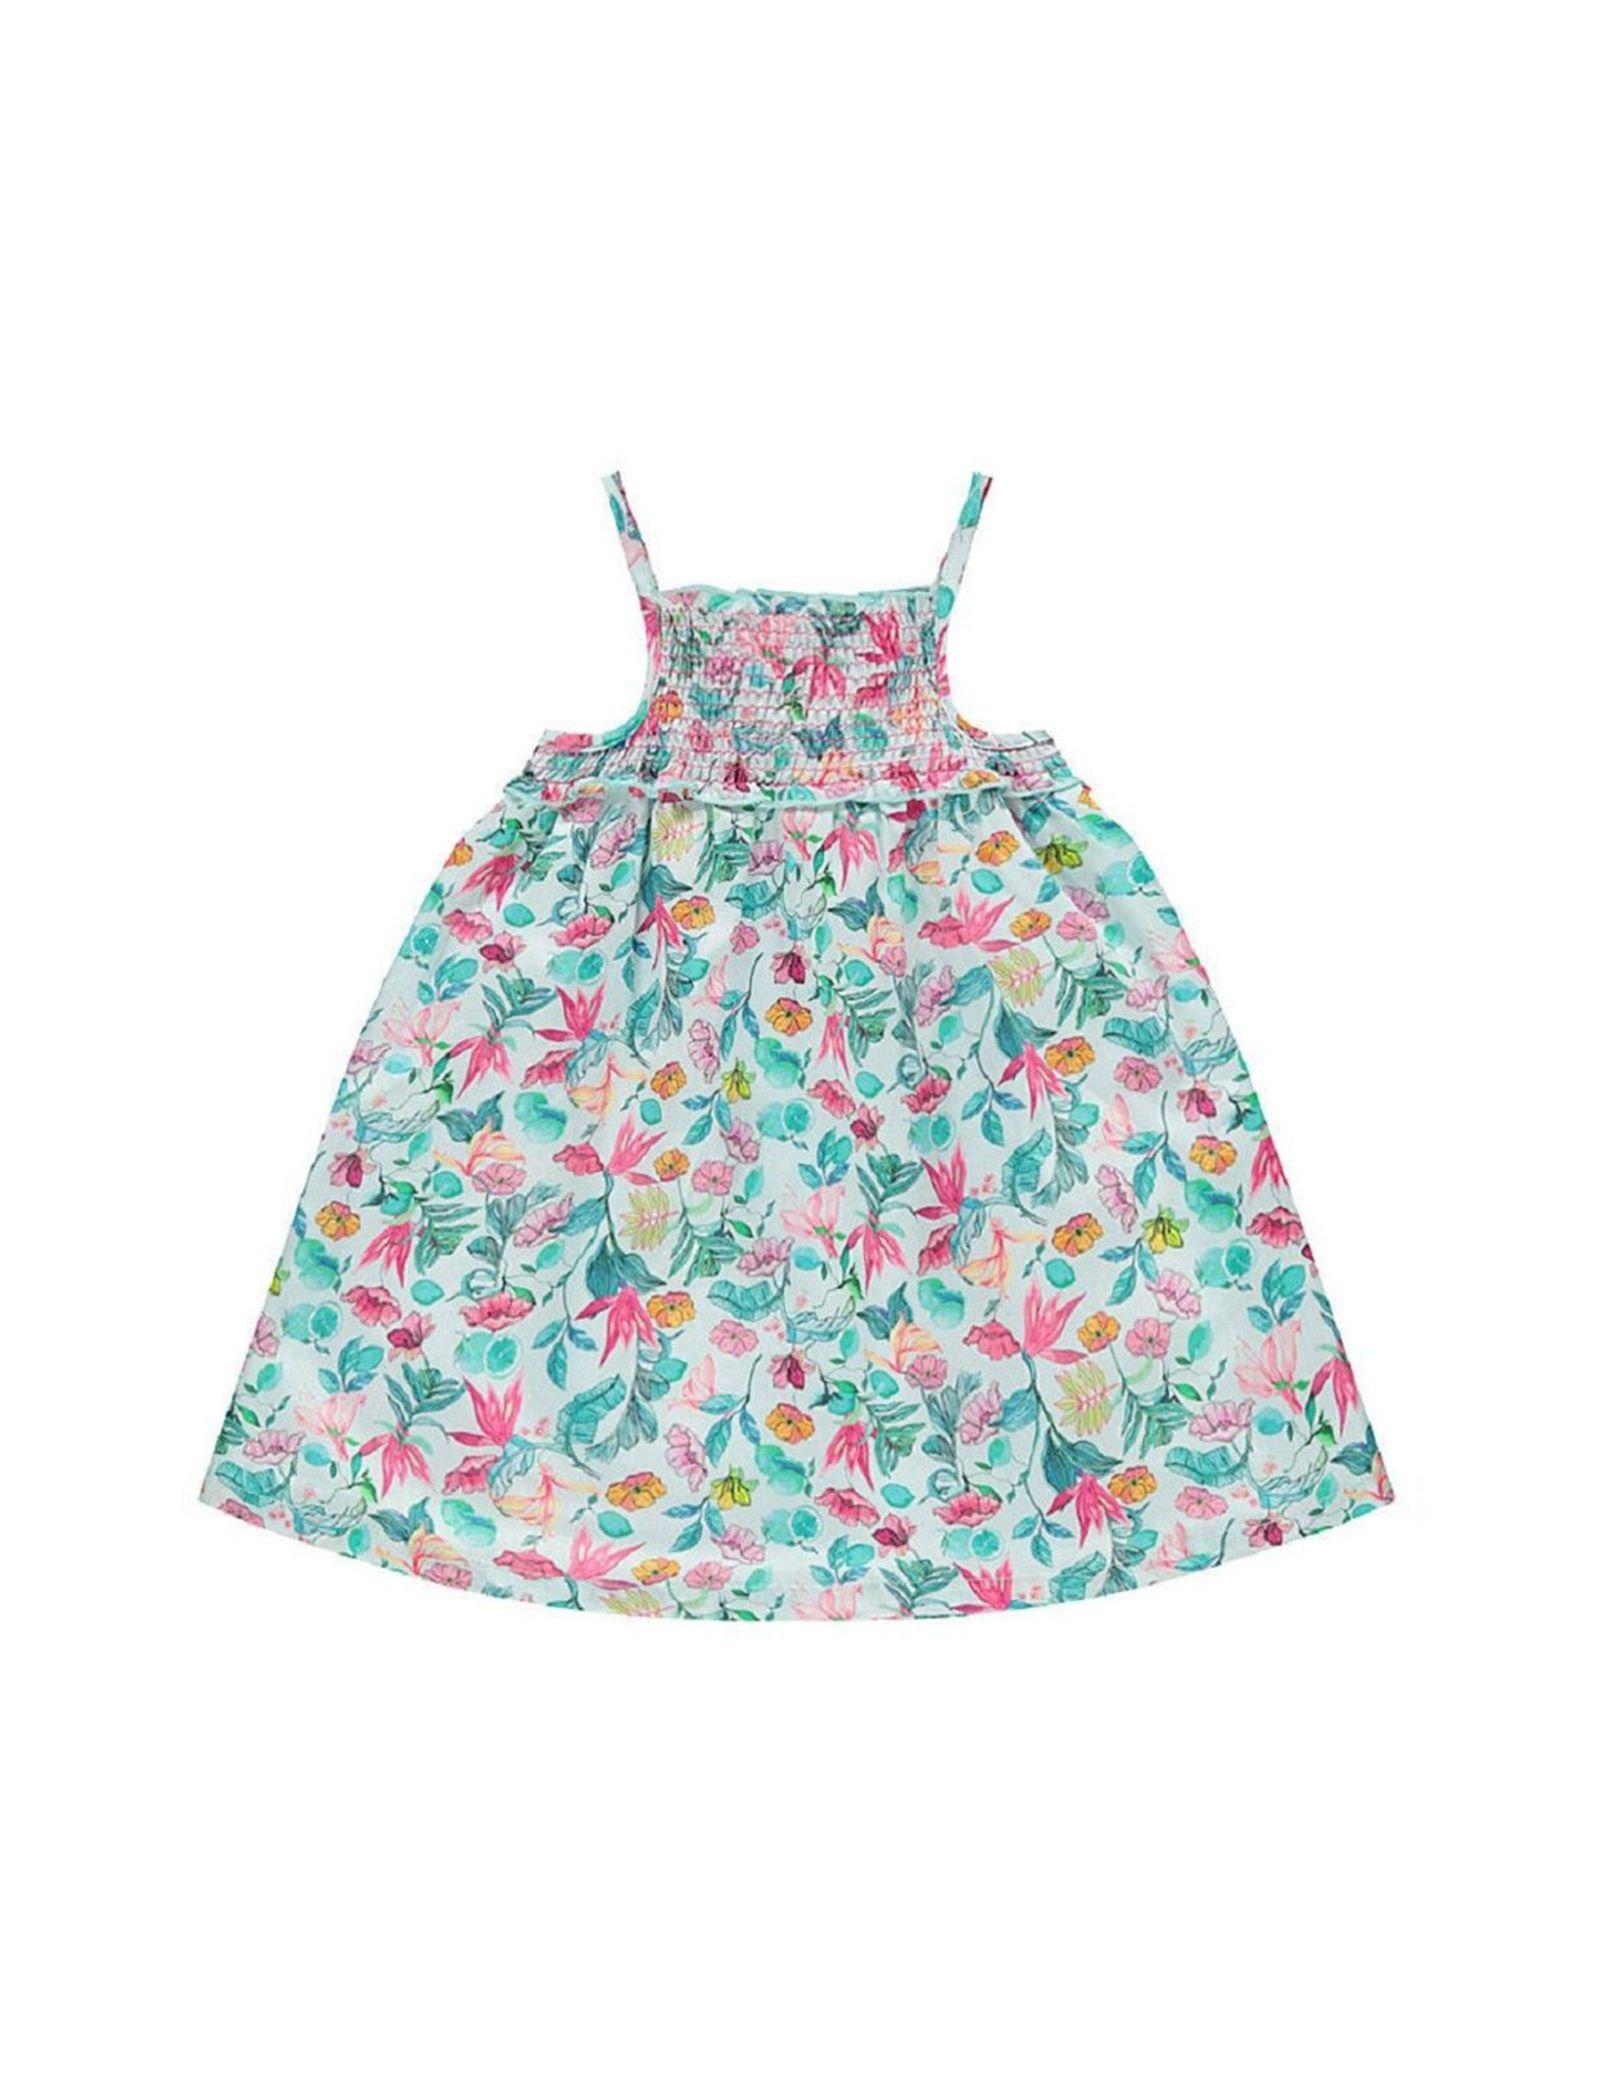 پیراهن نخی بدون آستین نوزادی دخترانه - ارکسترا - سبز روشن - 2